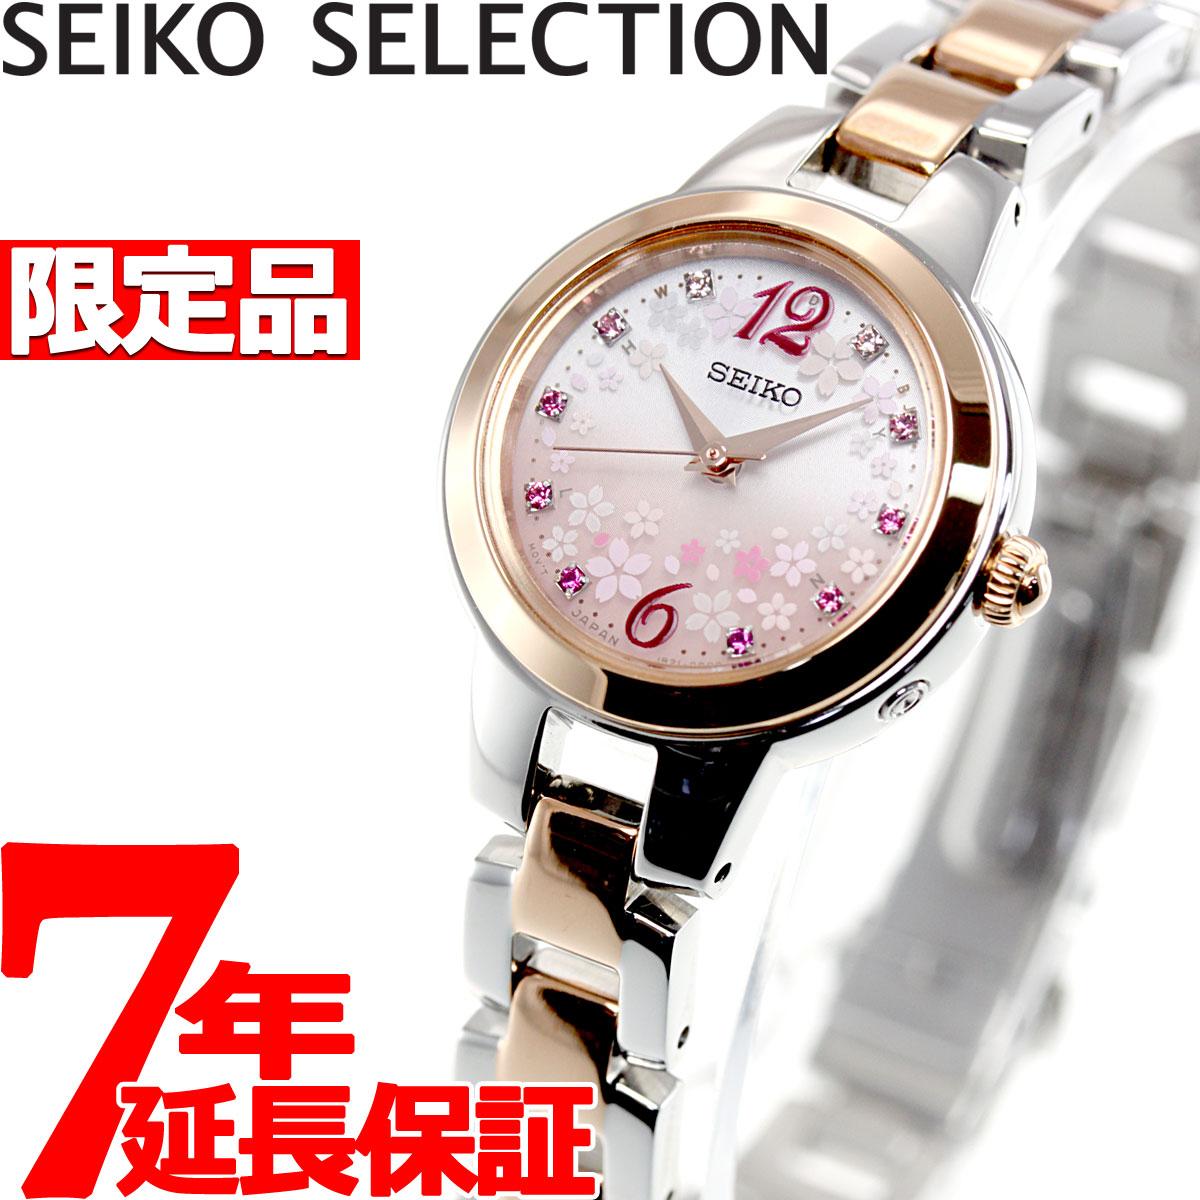 【今がお得!最大ポイント37倍!さらに最大1万円OFFクーポン配布!】セイコー セレクション SEIKO SELECTION ソーラー 電波時計 2019 SAKURA Blooming 限定モデル 腕時計 レディース SWFH106【2019 新作】